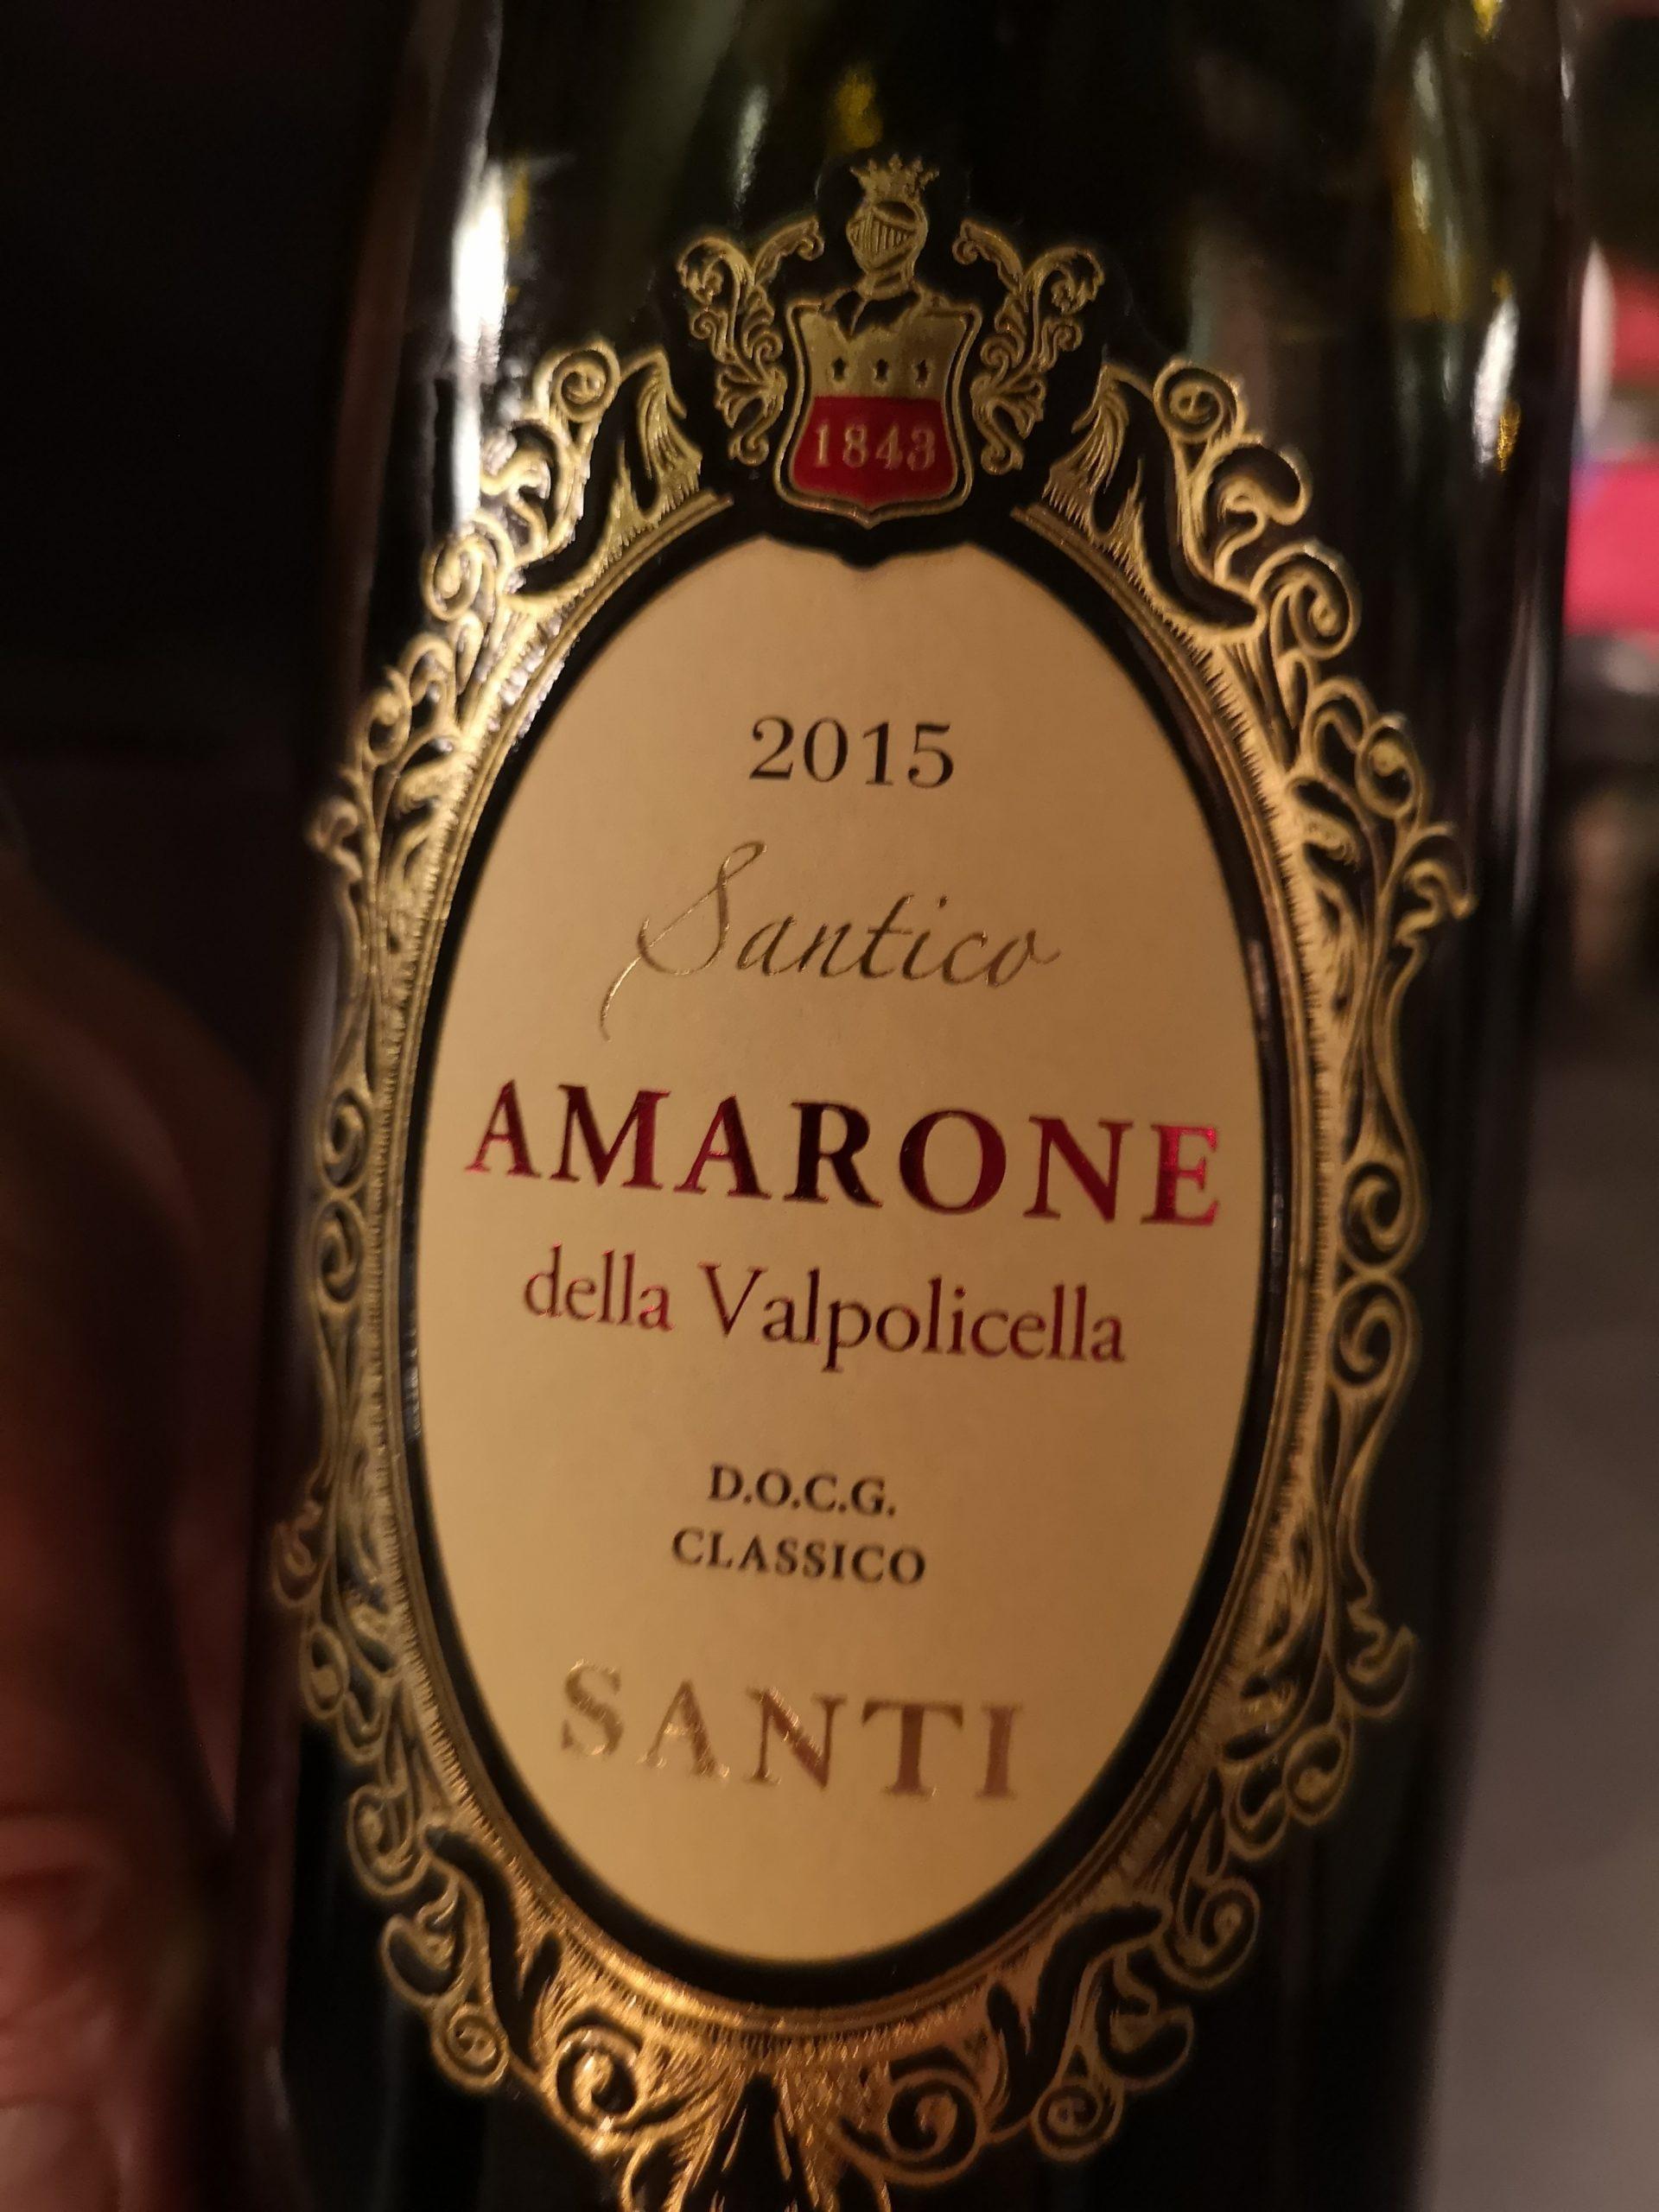 2015 Amarone della Valpolicella Santico | Santi